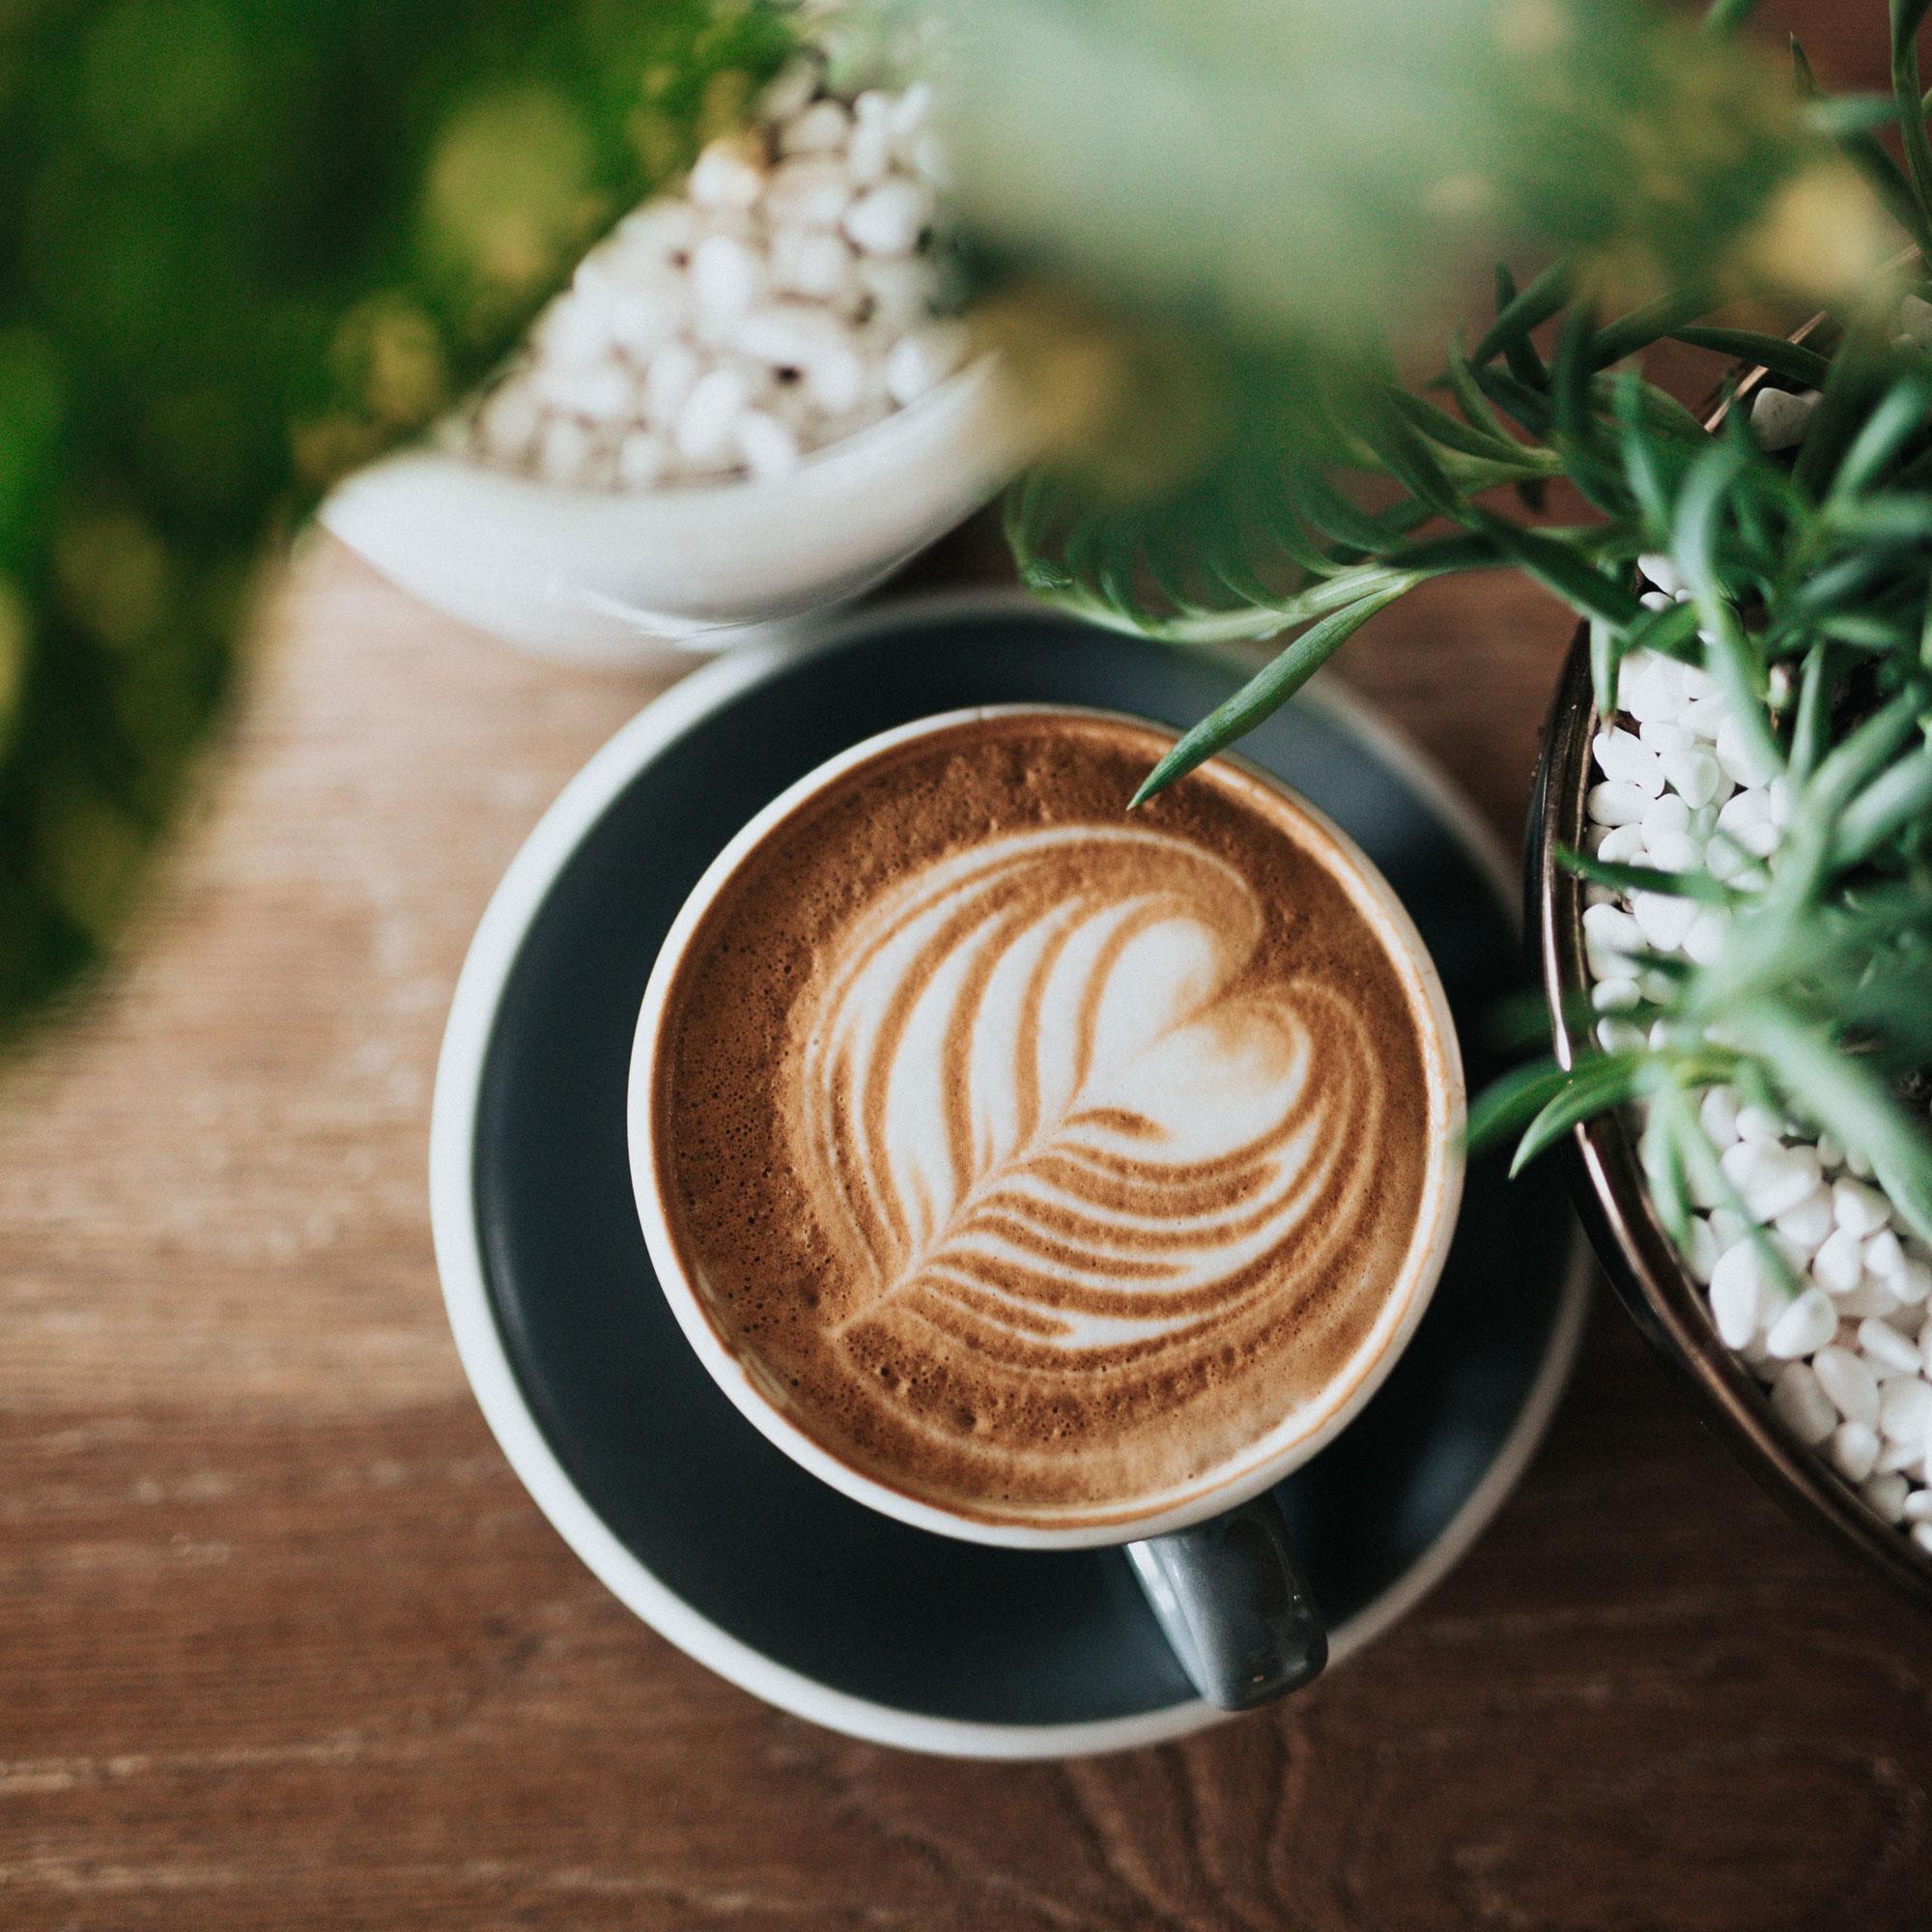 Tasse de cappuccino avec mousse en forme de coeur au-dessus